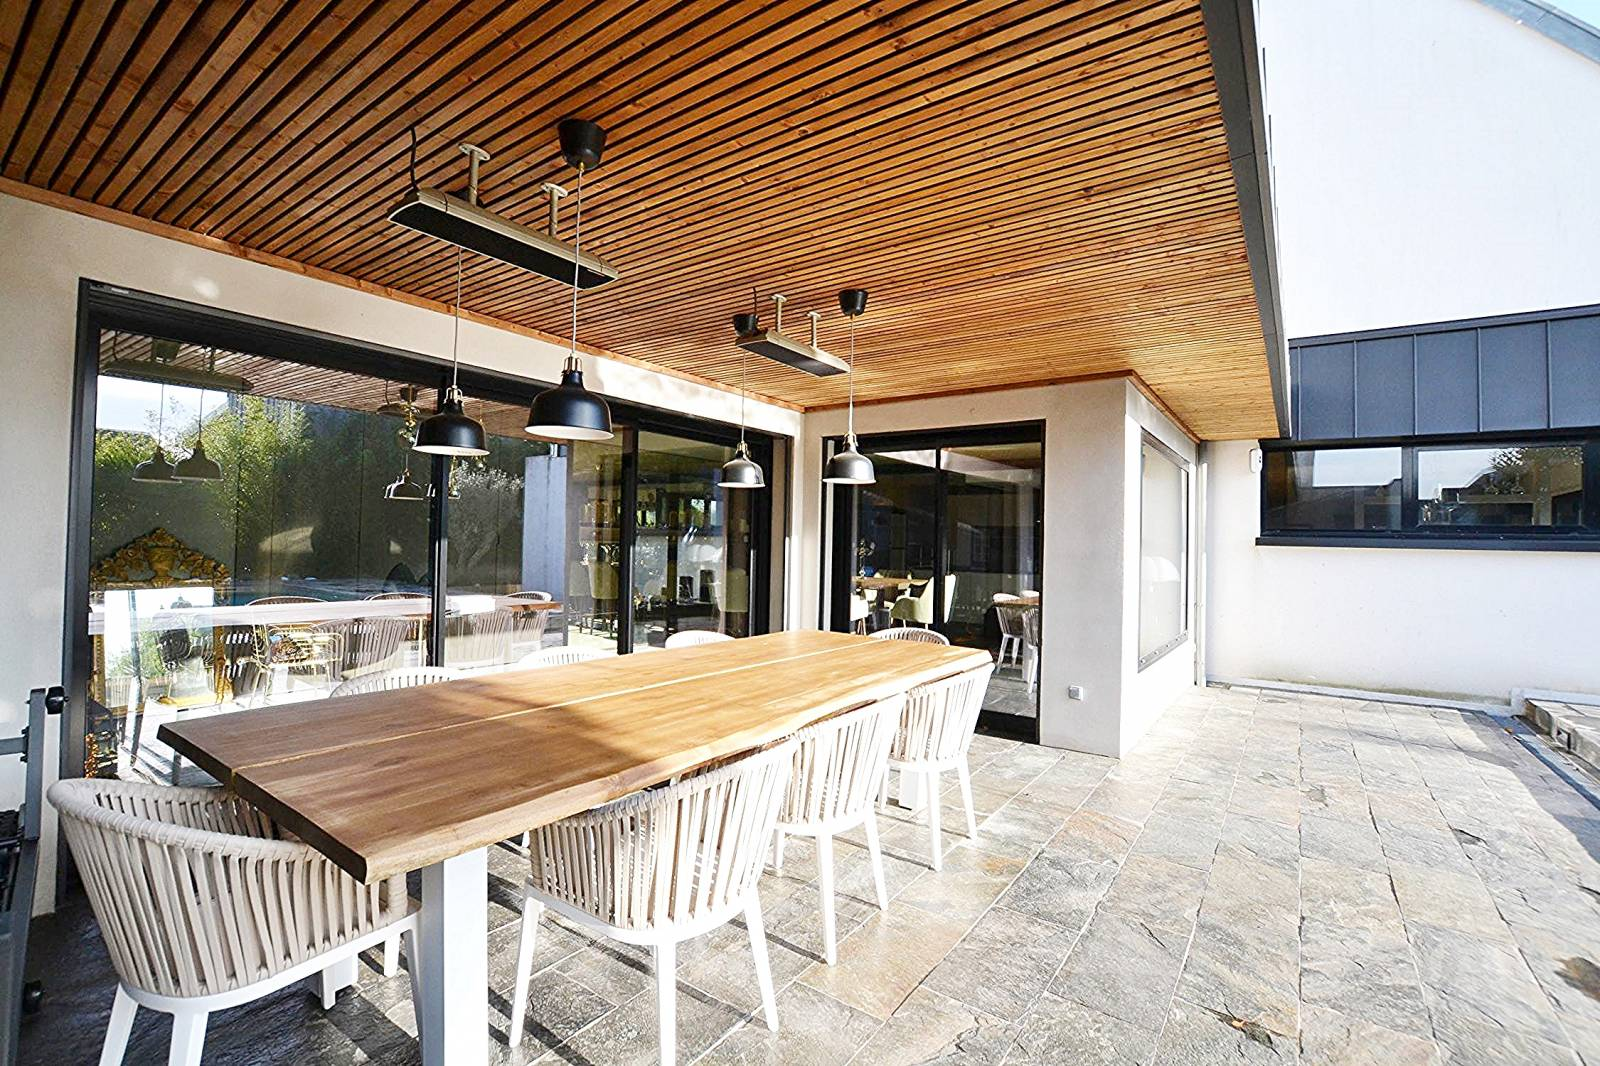 A vendre magnifique maison d'architecte avec piscine sur ...